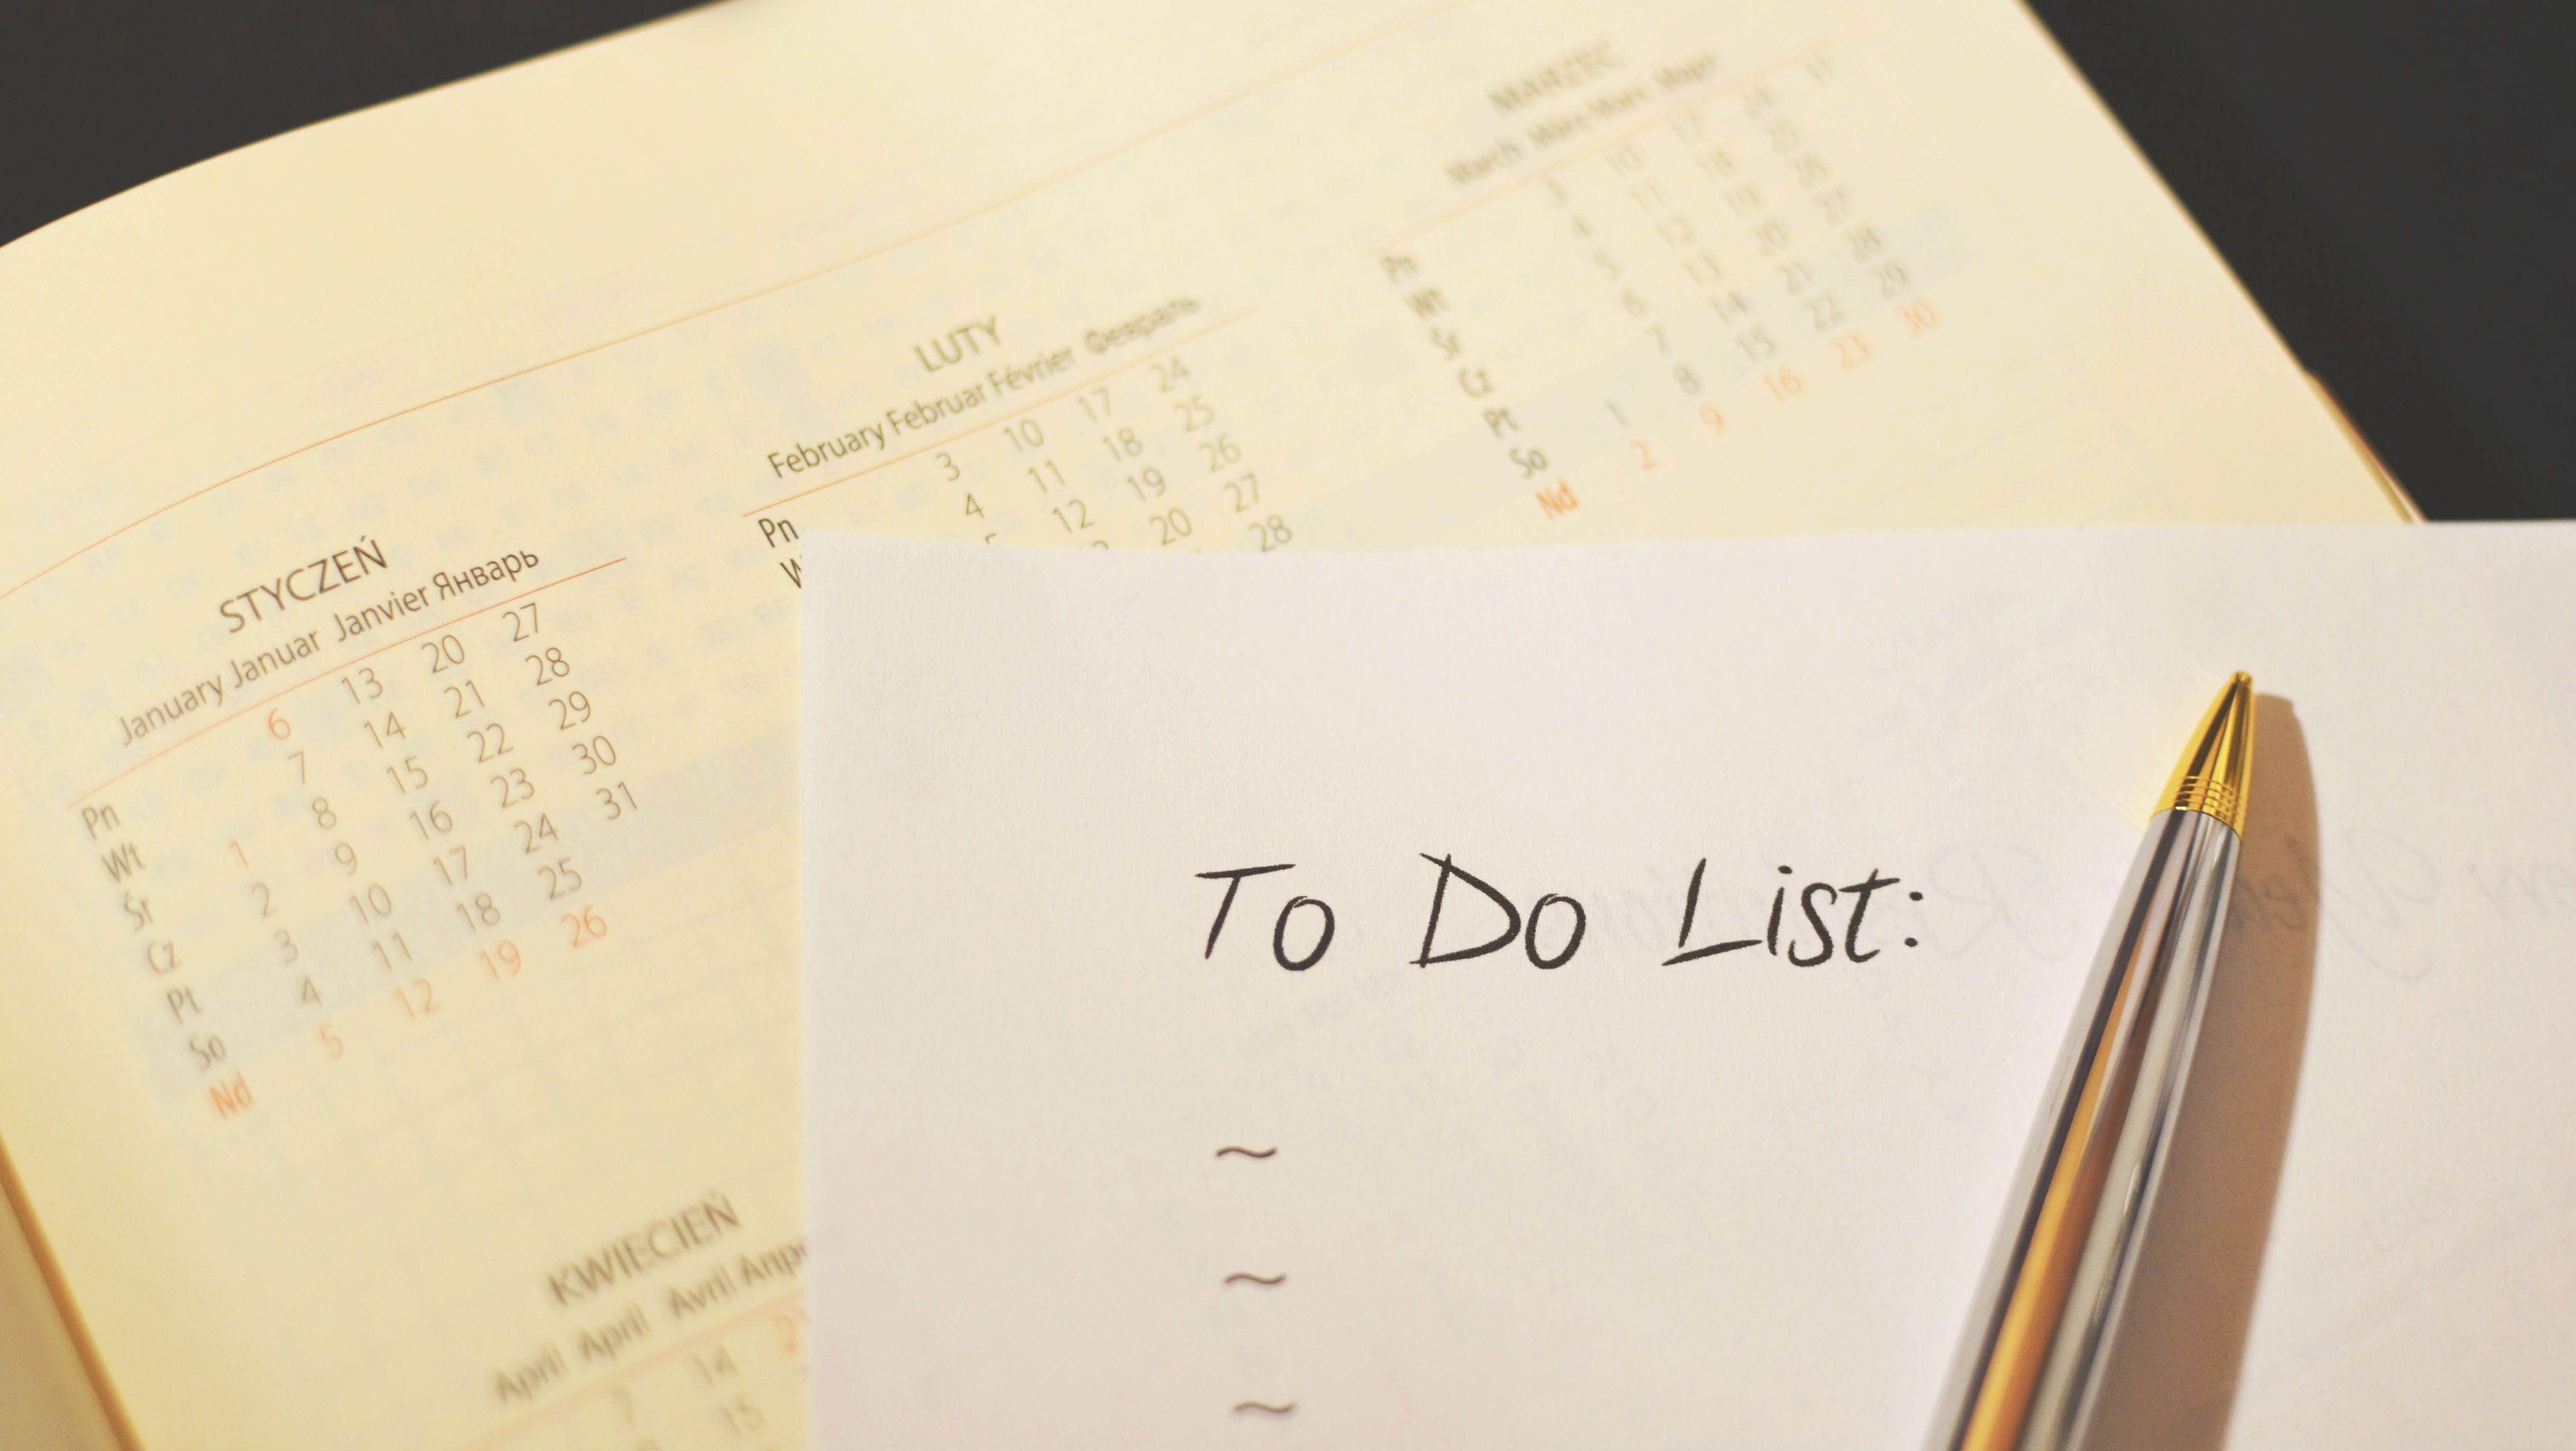 calendar and to-do list